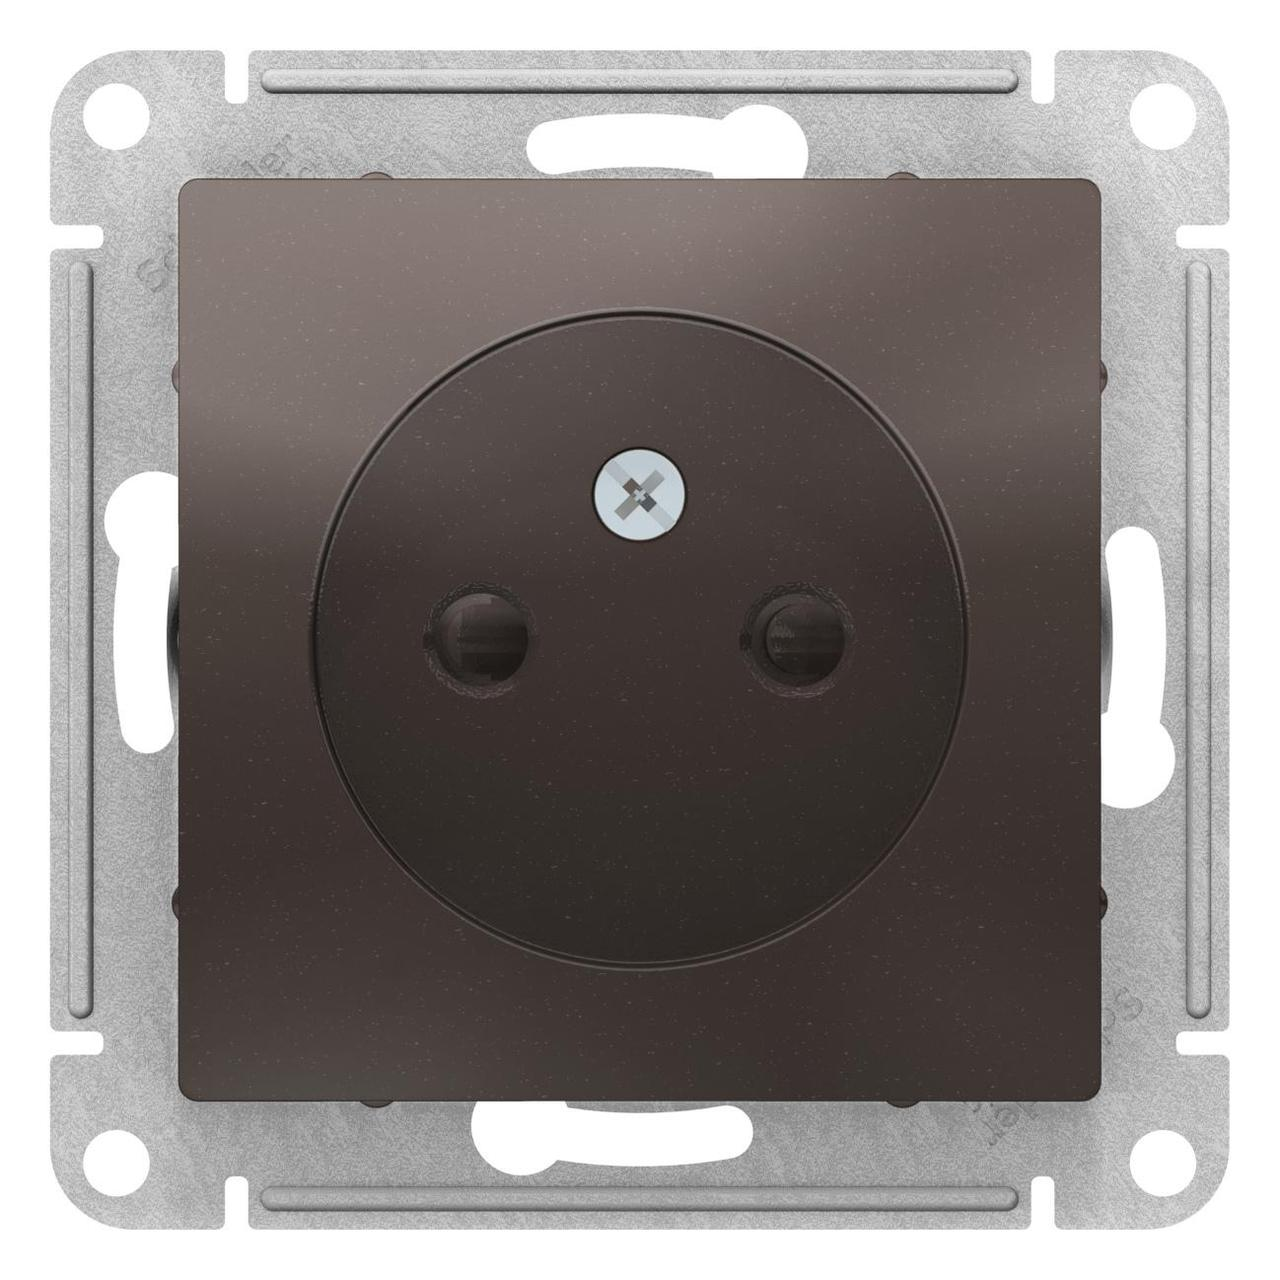 Розетка 1-ая электрическая без заземления с защитными шторками , Мокко, серия Atlas Design, Schneider Electric